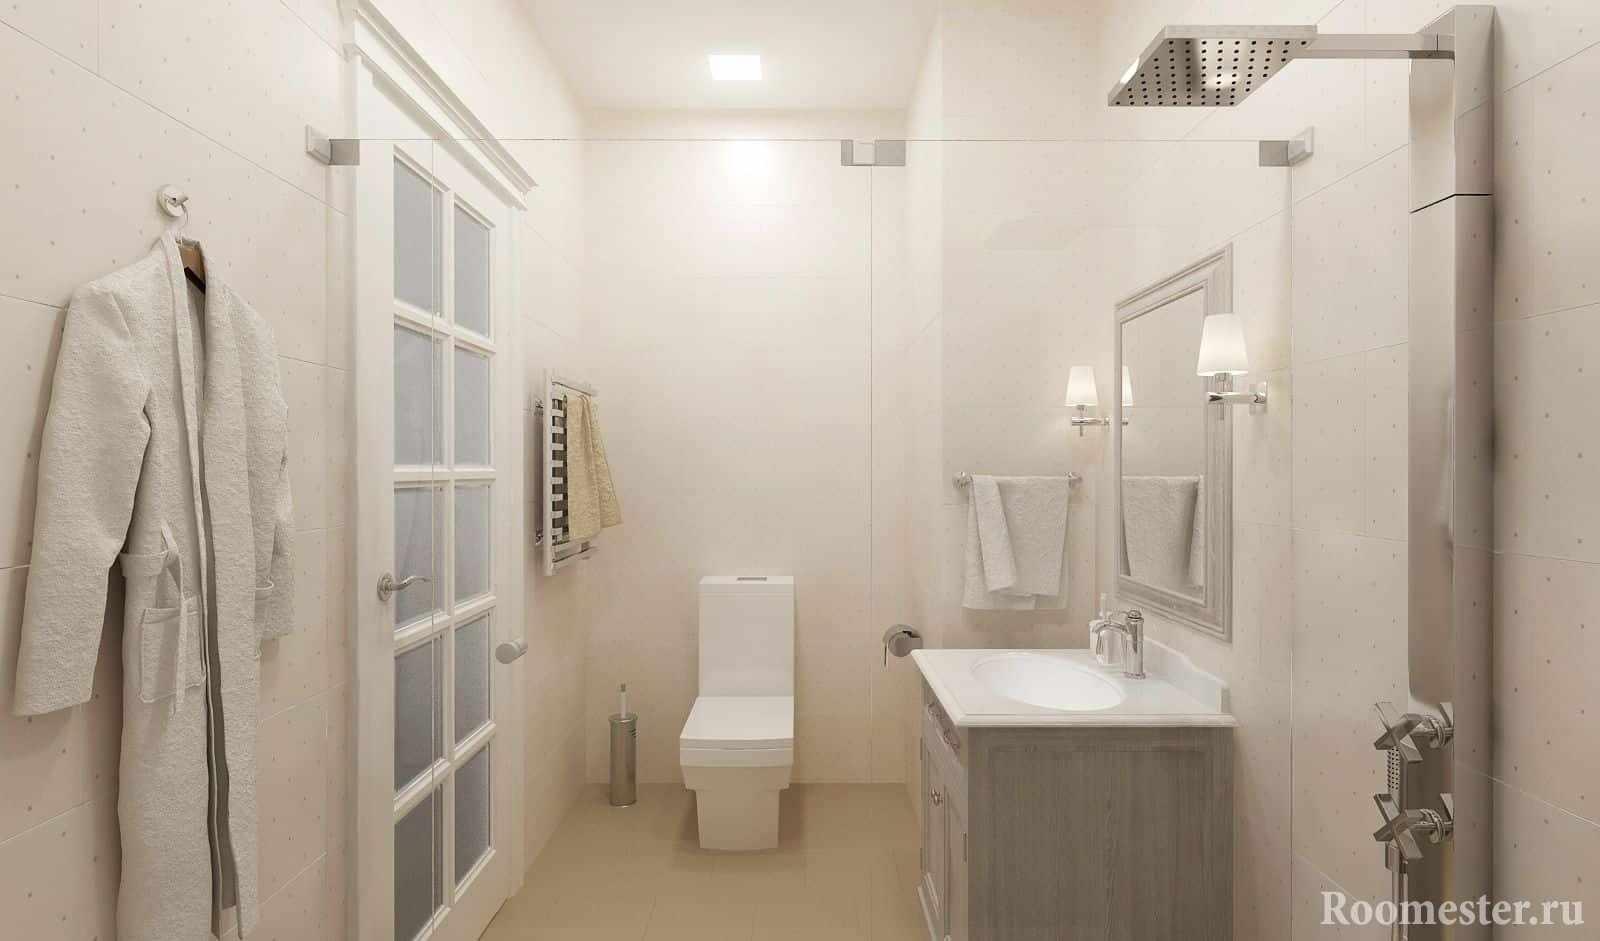 Белая ванная комната в интерьере